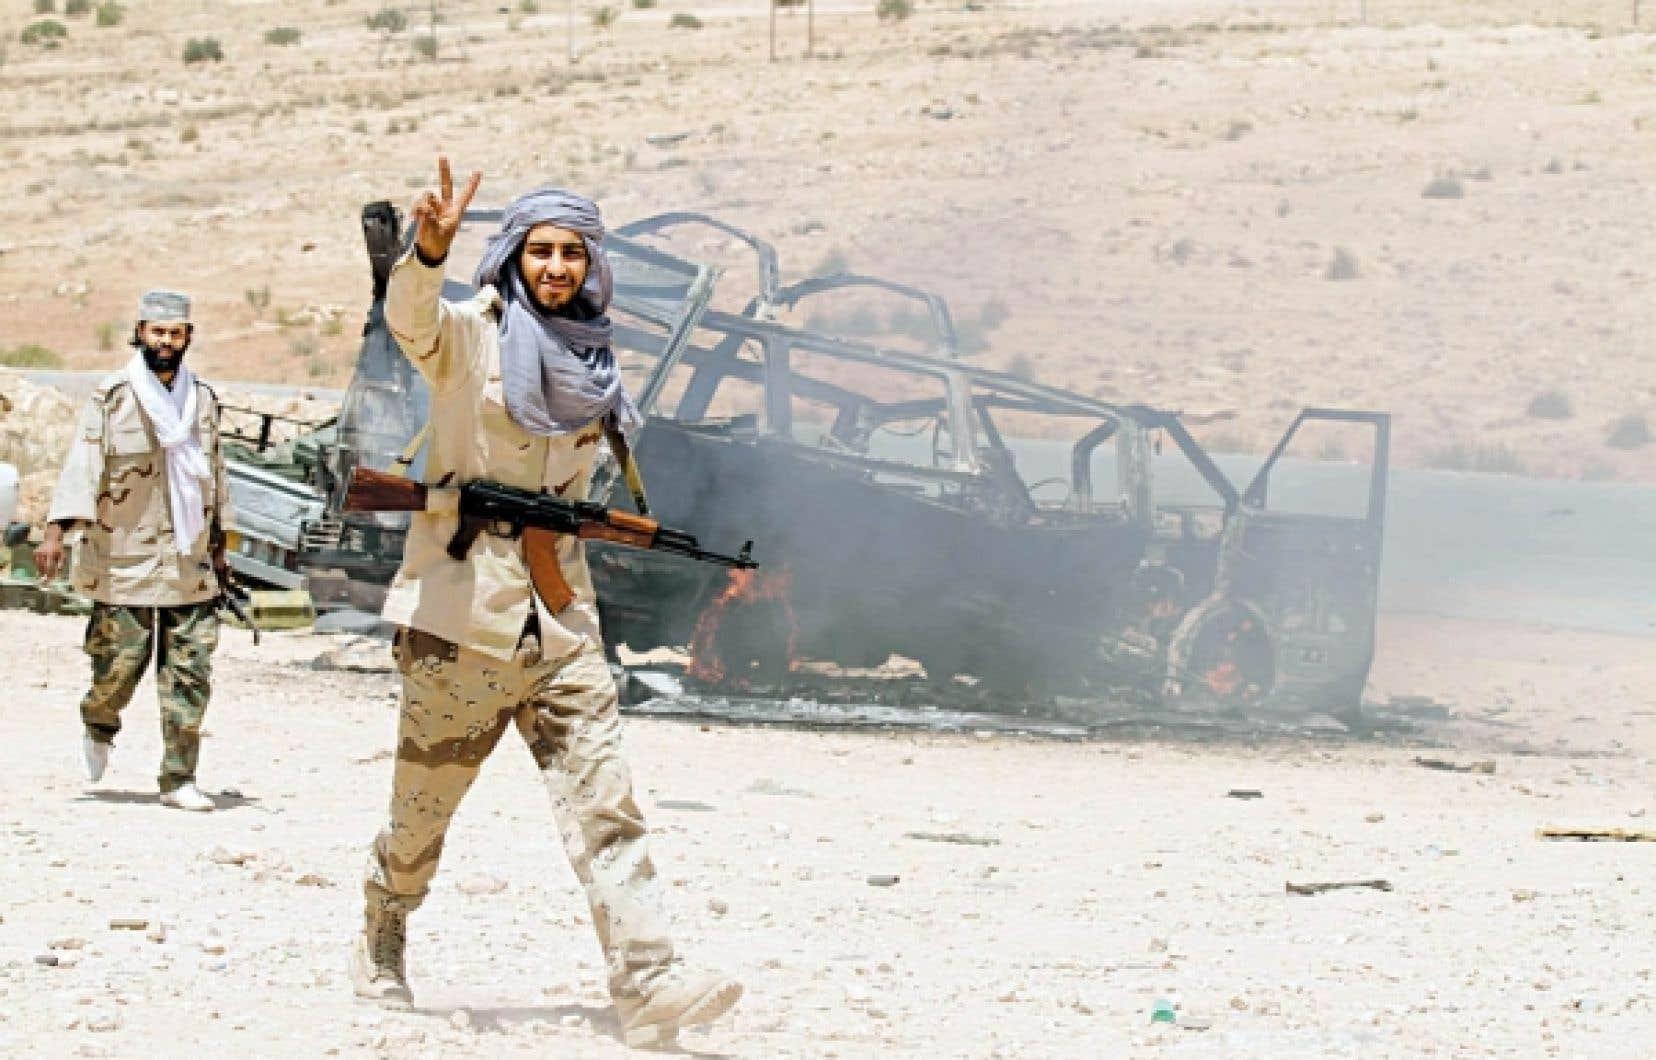 Un combattant rebelle hier peu après la prise d'al-Kaoualich